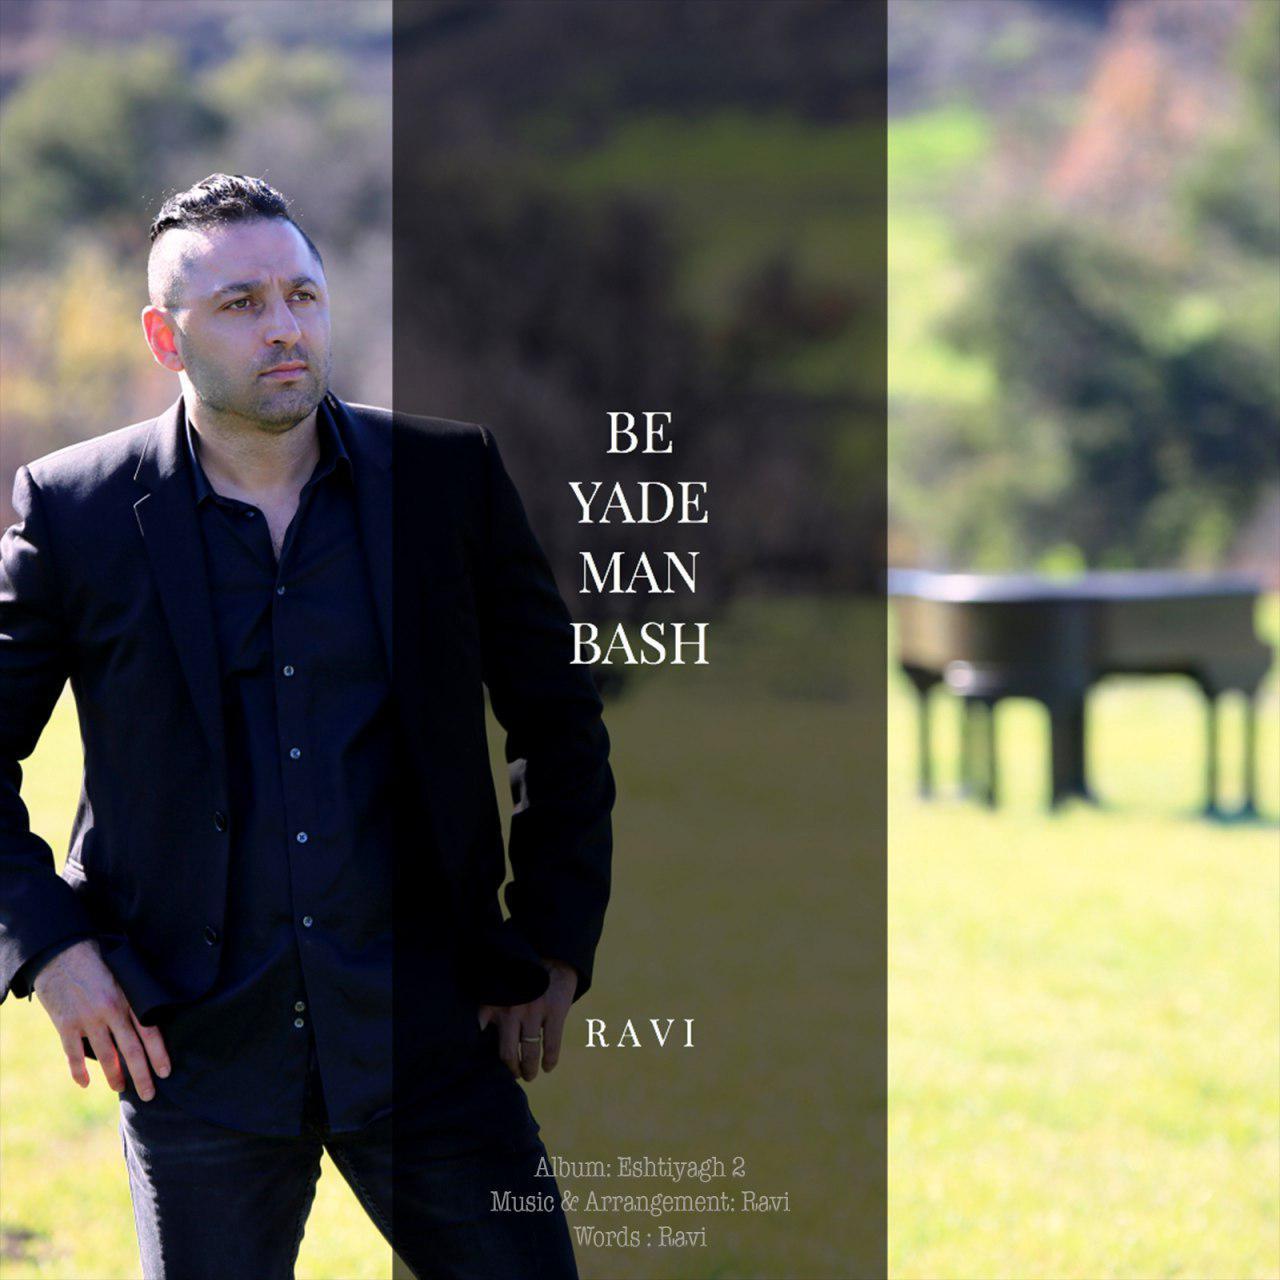 Ravi – Be Yade Man Bash